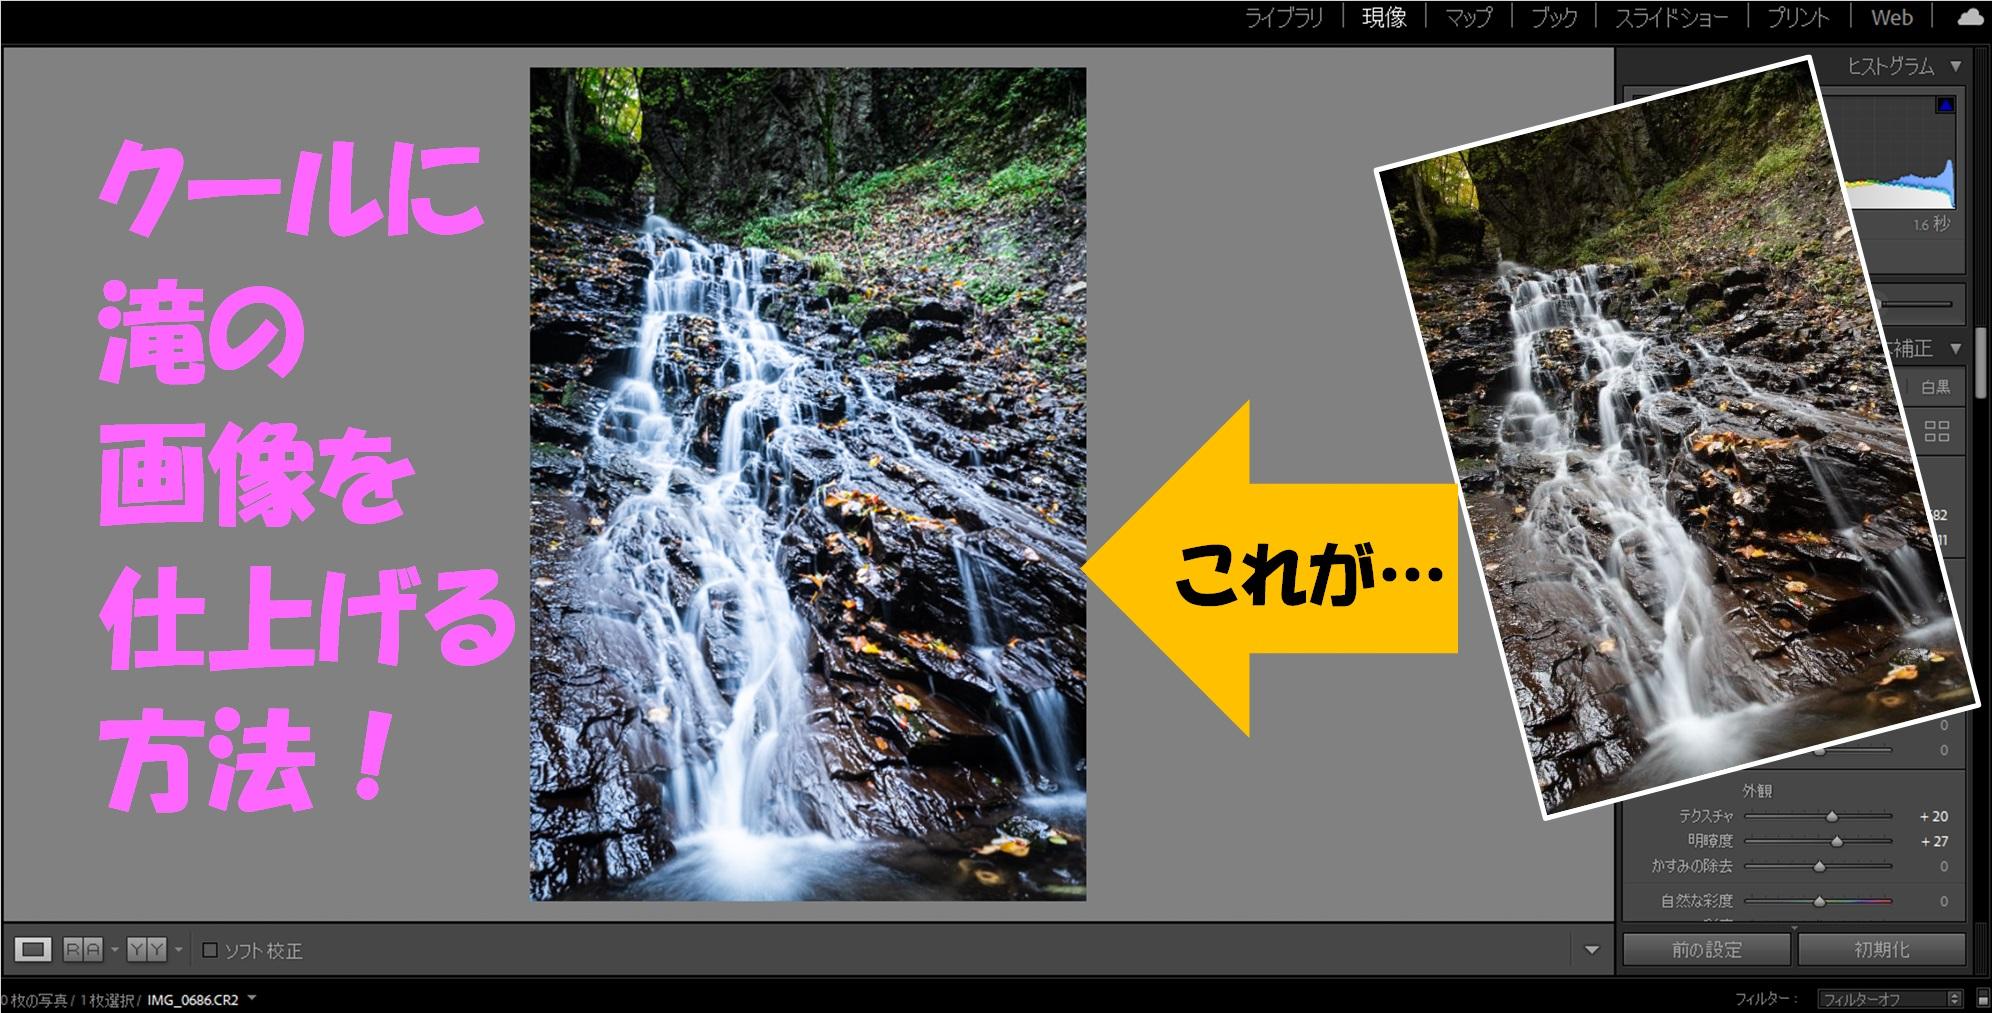 滝のアイキャッチ用画像